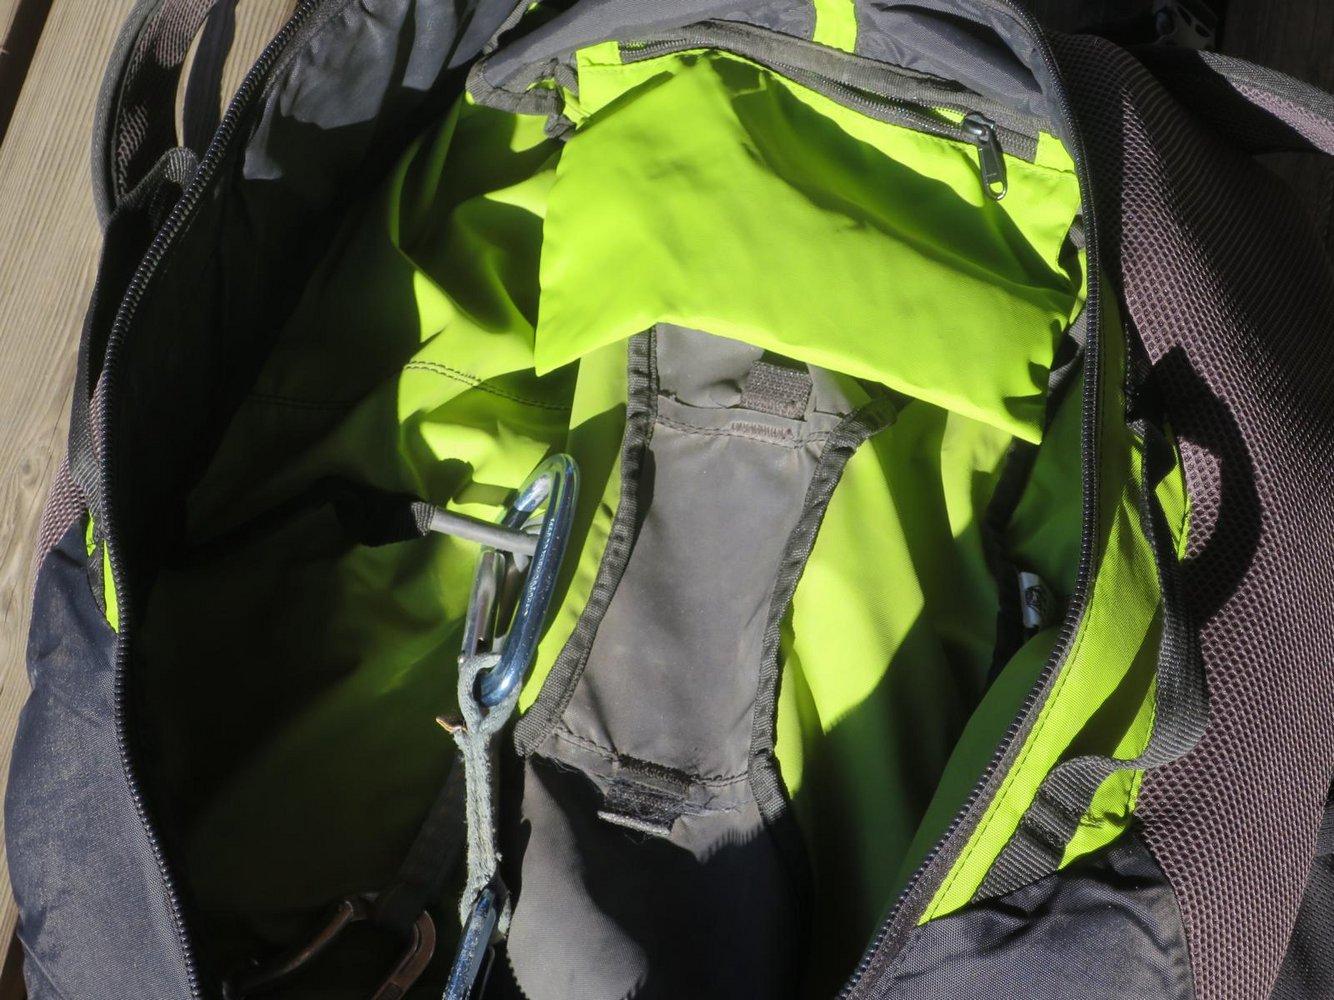 Kletterausrüstung Verstauen : Test camp roxback u2013 rucksack bergsteigen.com